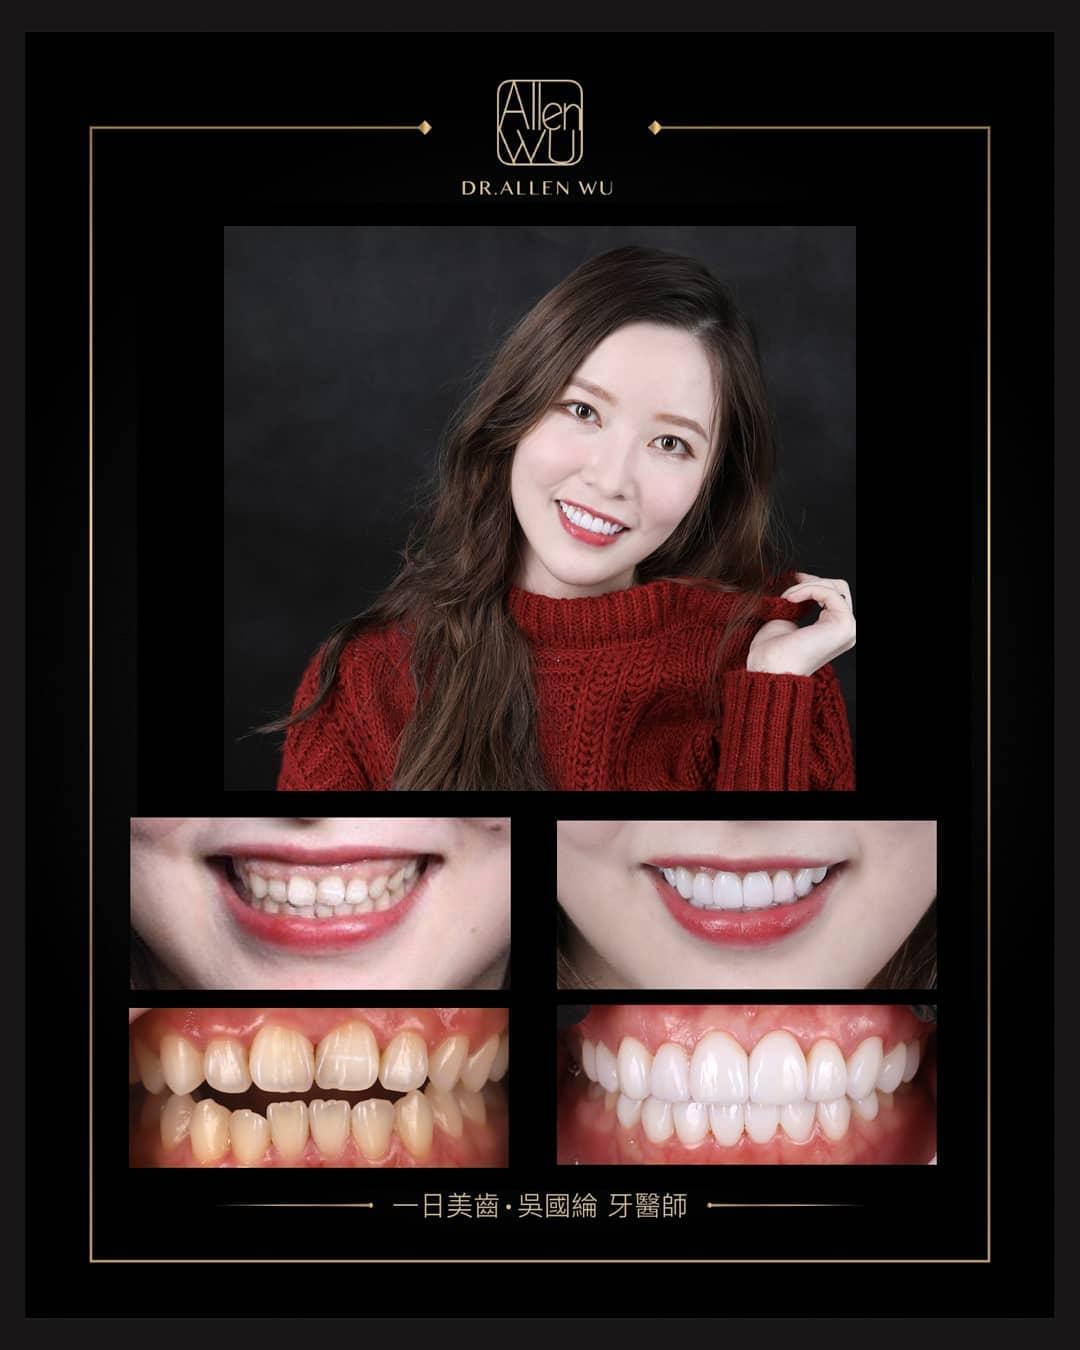 陶瓷貼片-一日美齒-完美微笑曲線牙齒-療程前後比較-吳國綸醫師-台中